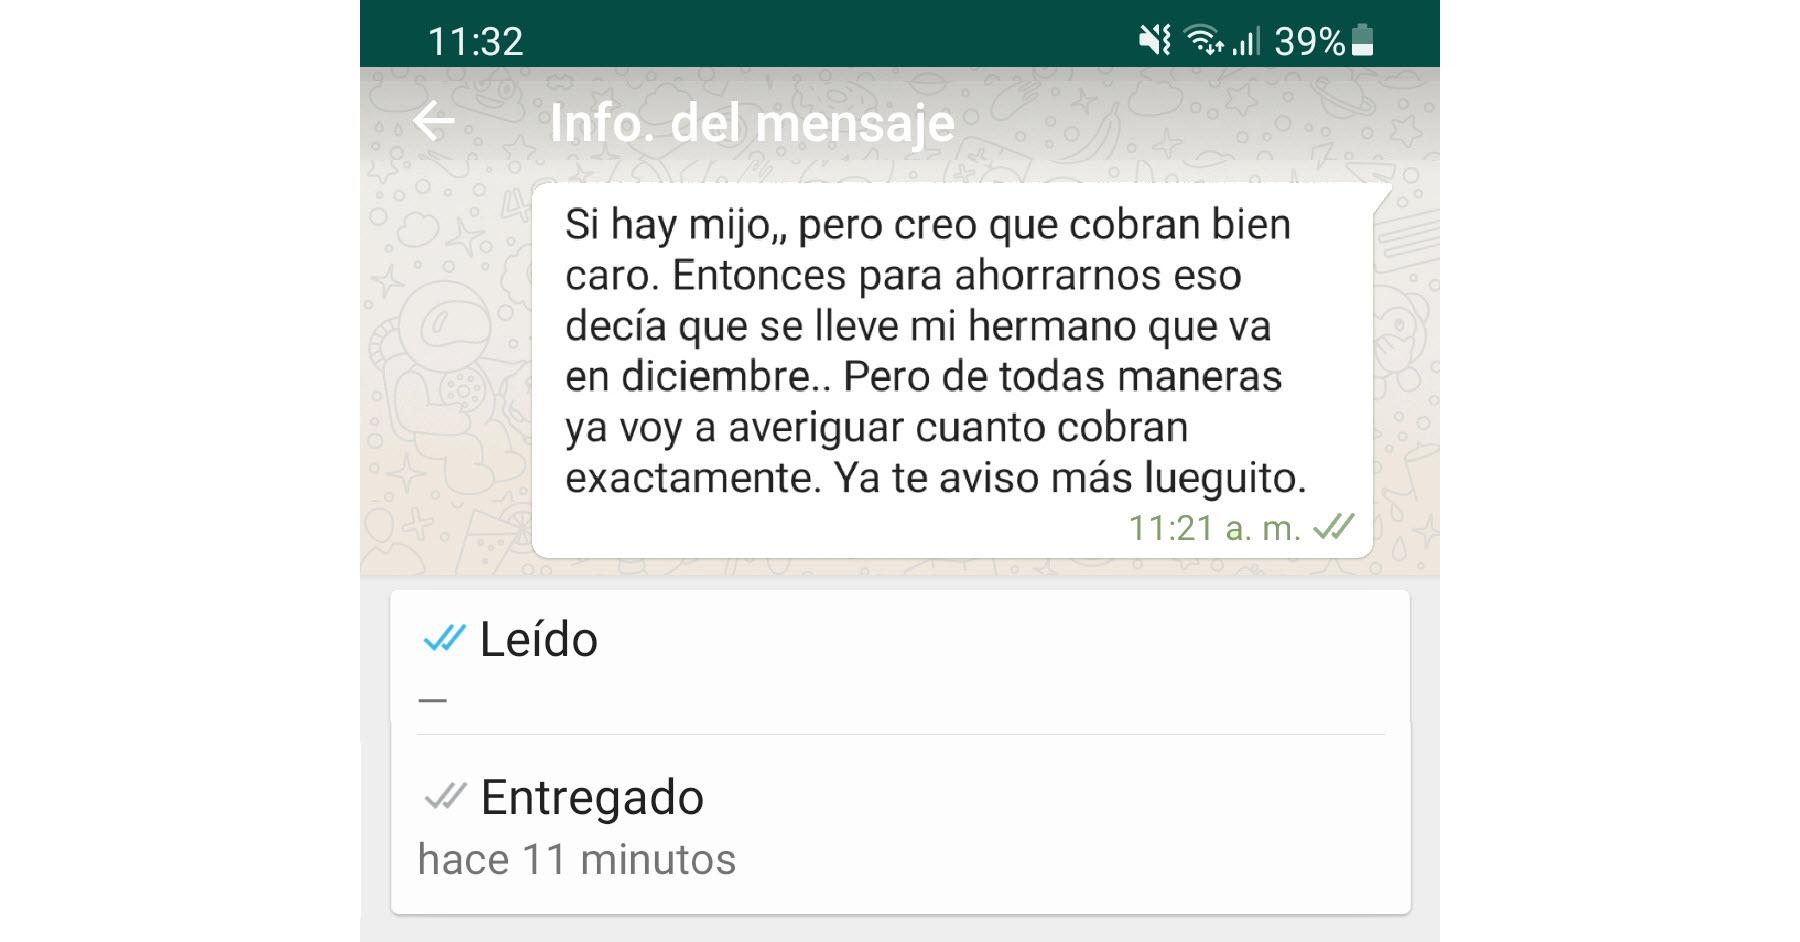 Los mensajes entregados en WhatsApp (palomitas grises) significan que aún NO se han visto?